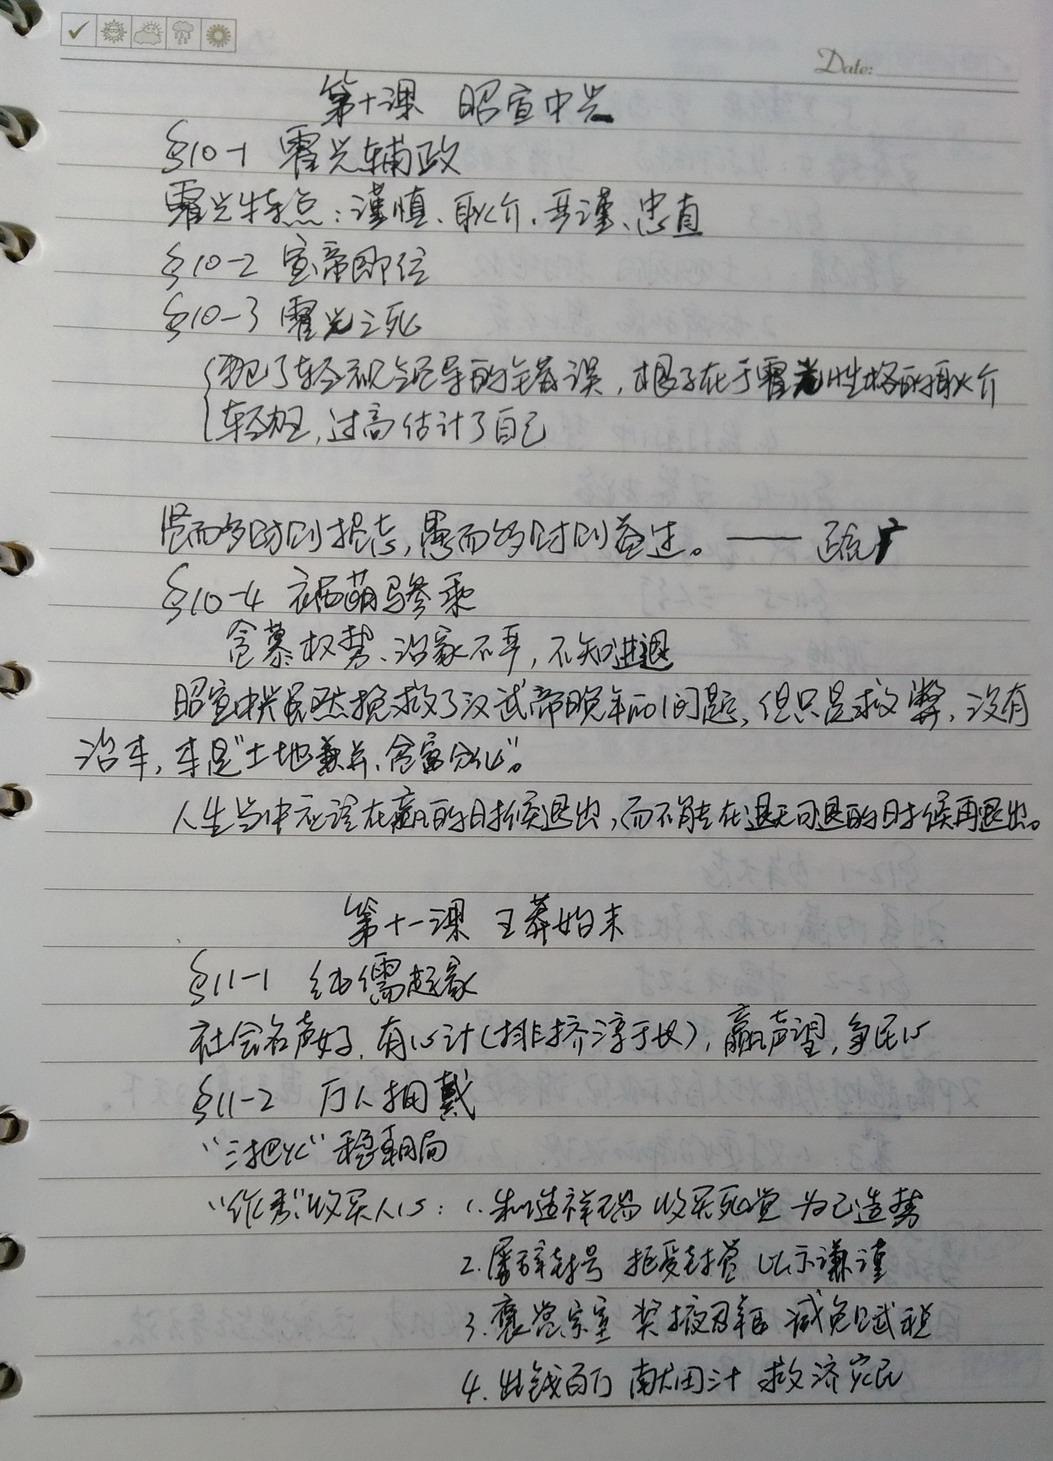 9_调整大小.jpg